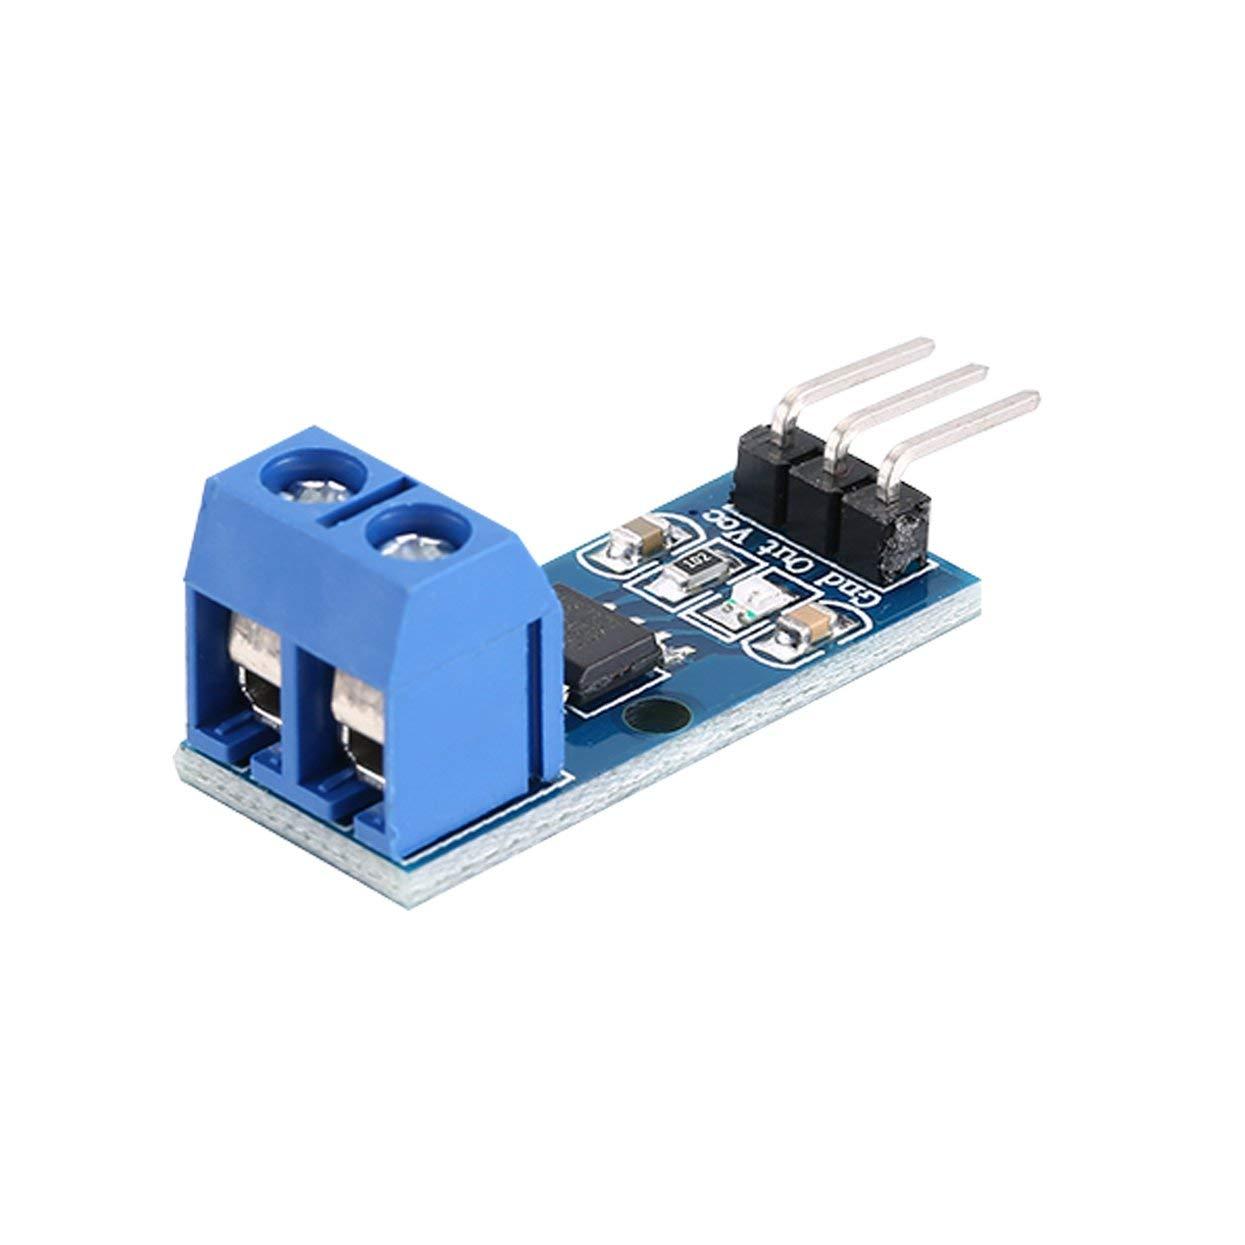 Capteur De Courant De Hall Mode Module ACS712 5A pour Pin 5V Indicateur de Puissance Électronique PCB Panneau DIY Effet Hall Modèle pour Arduino